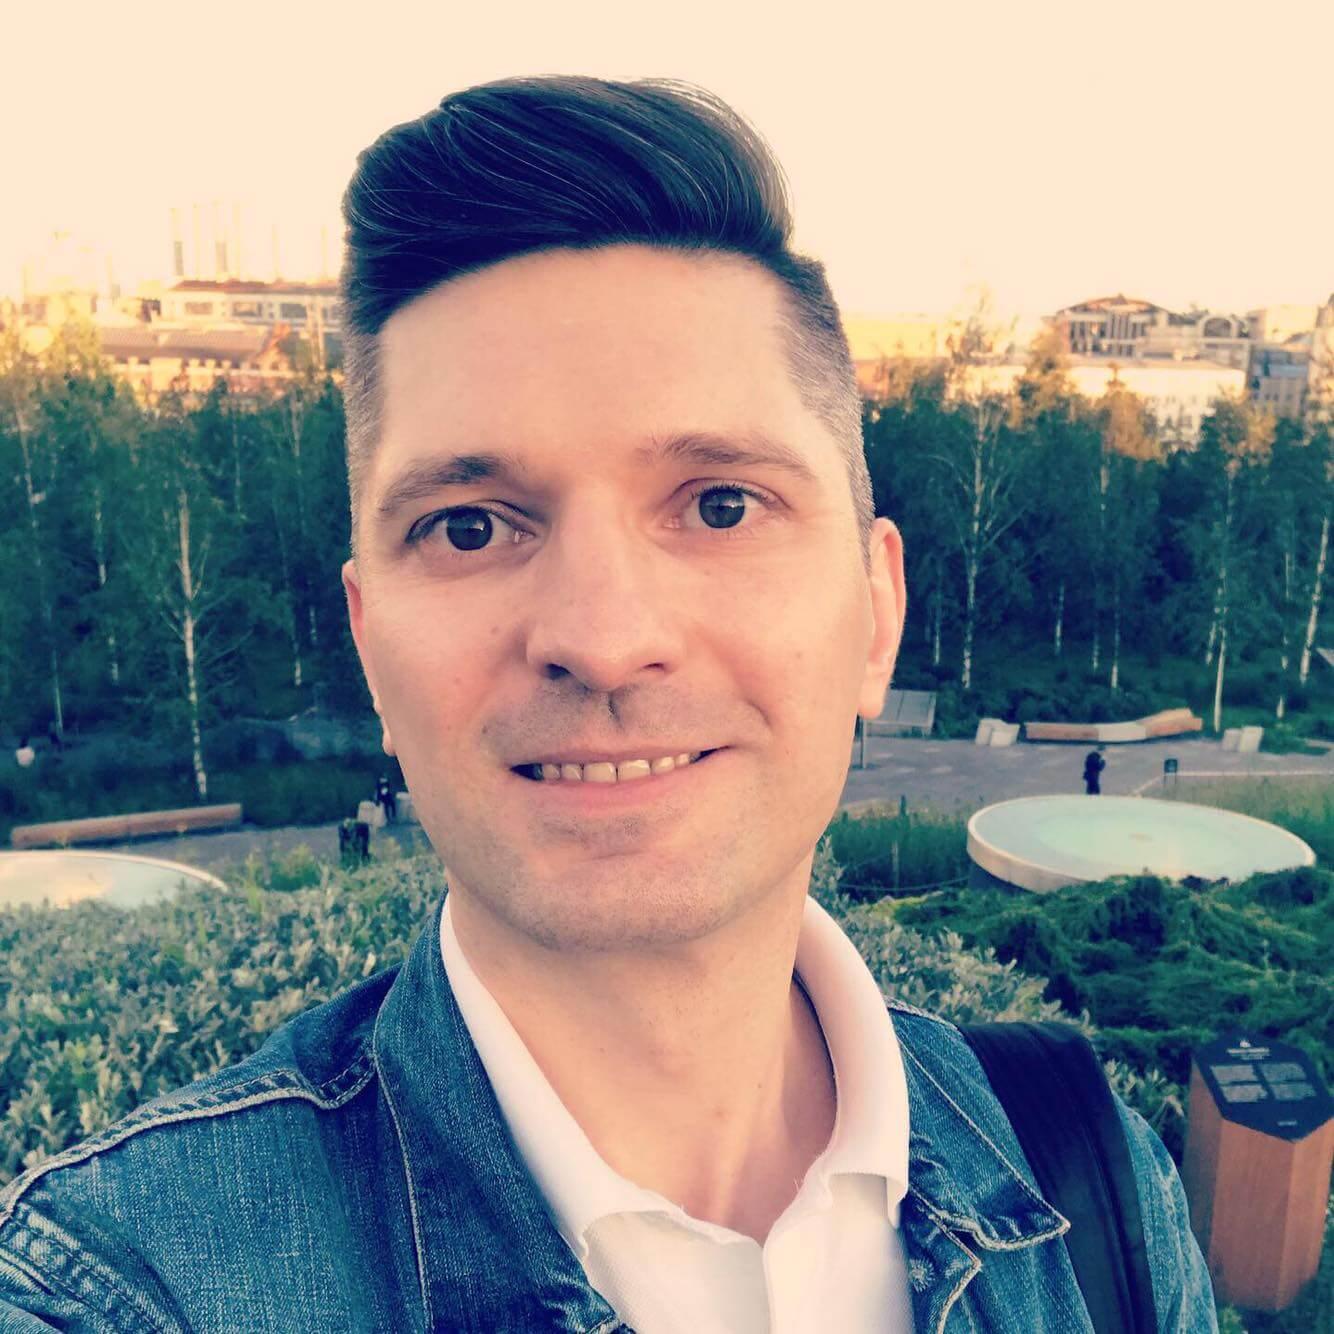 Аватар Андрей Месечко